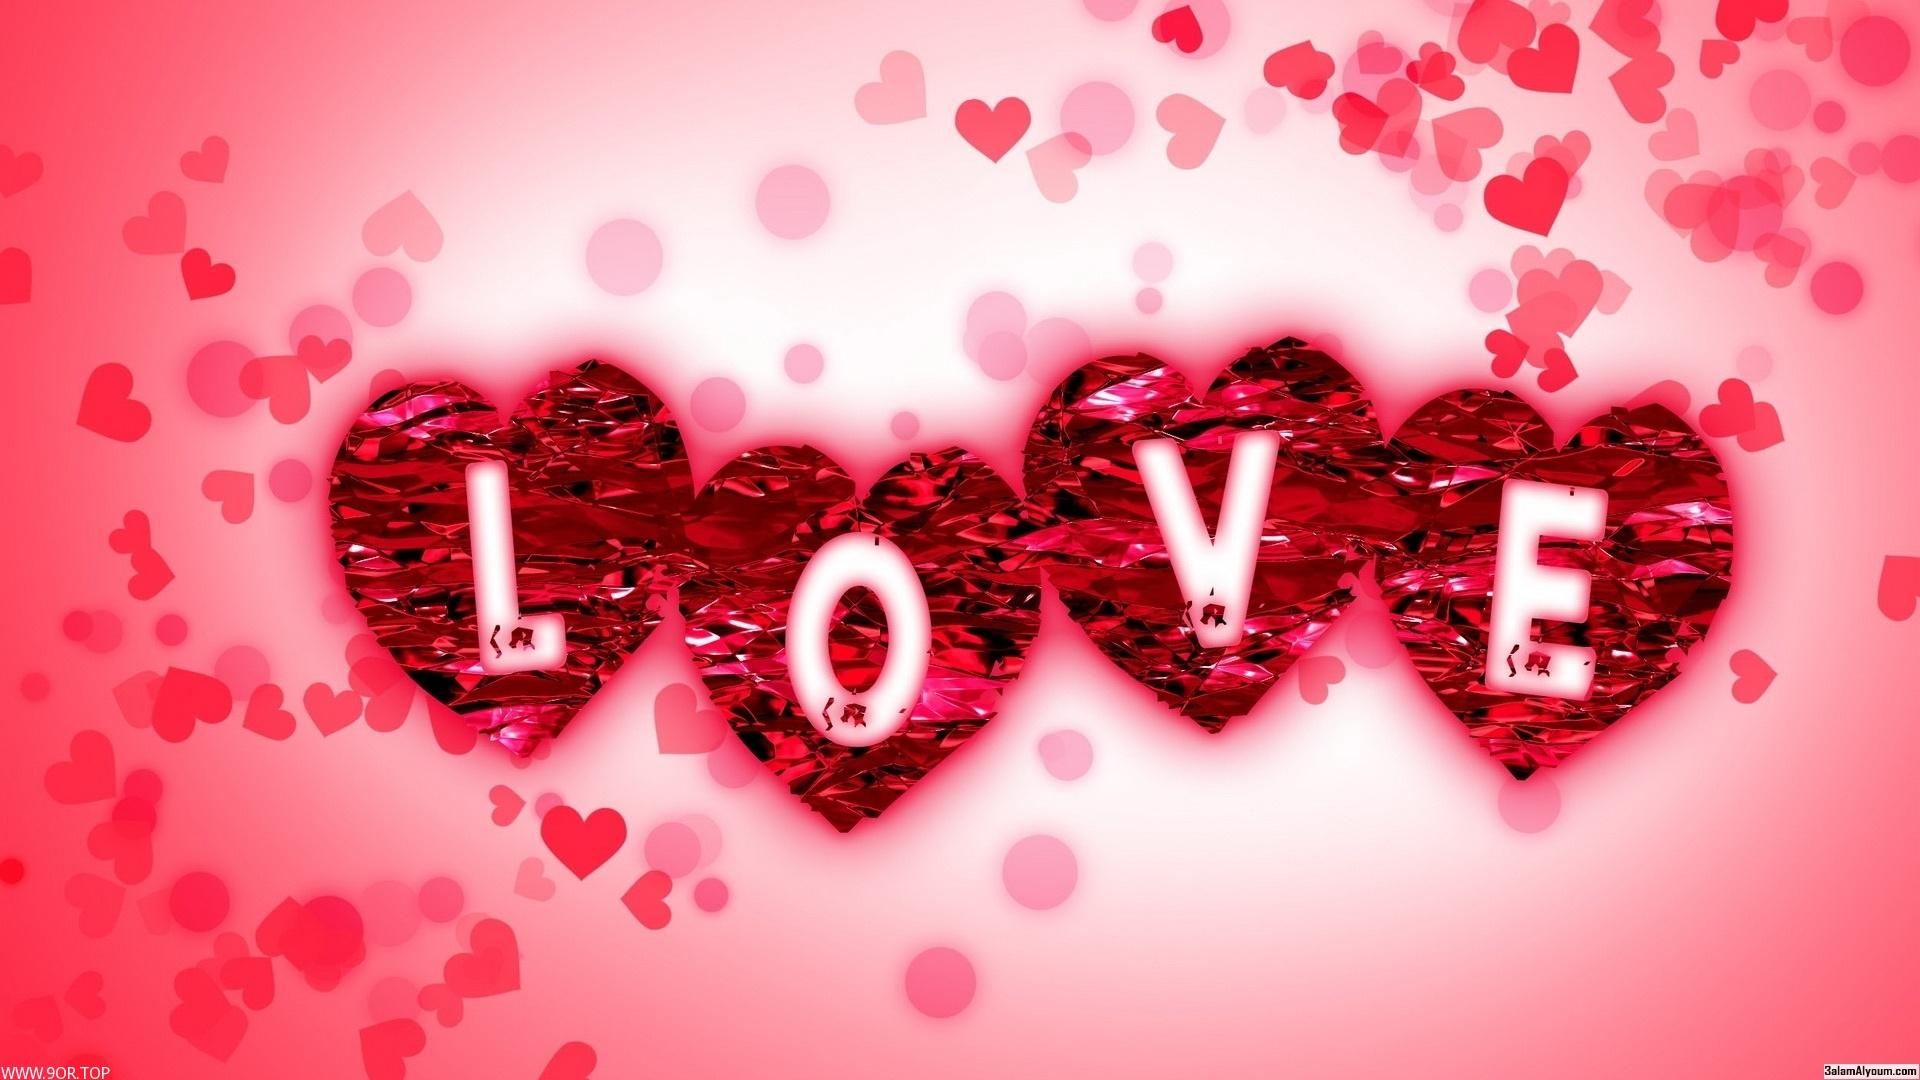 بالصور صور حب جميله , روعة الحب الصادق 3052 12